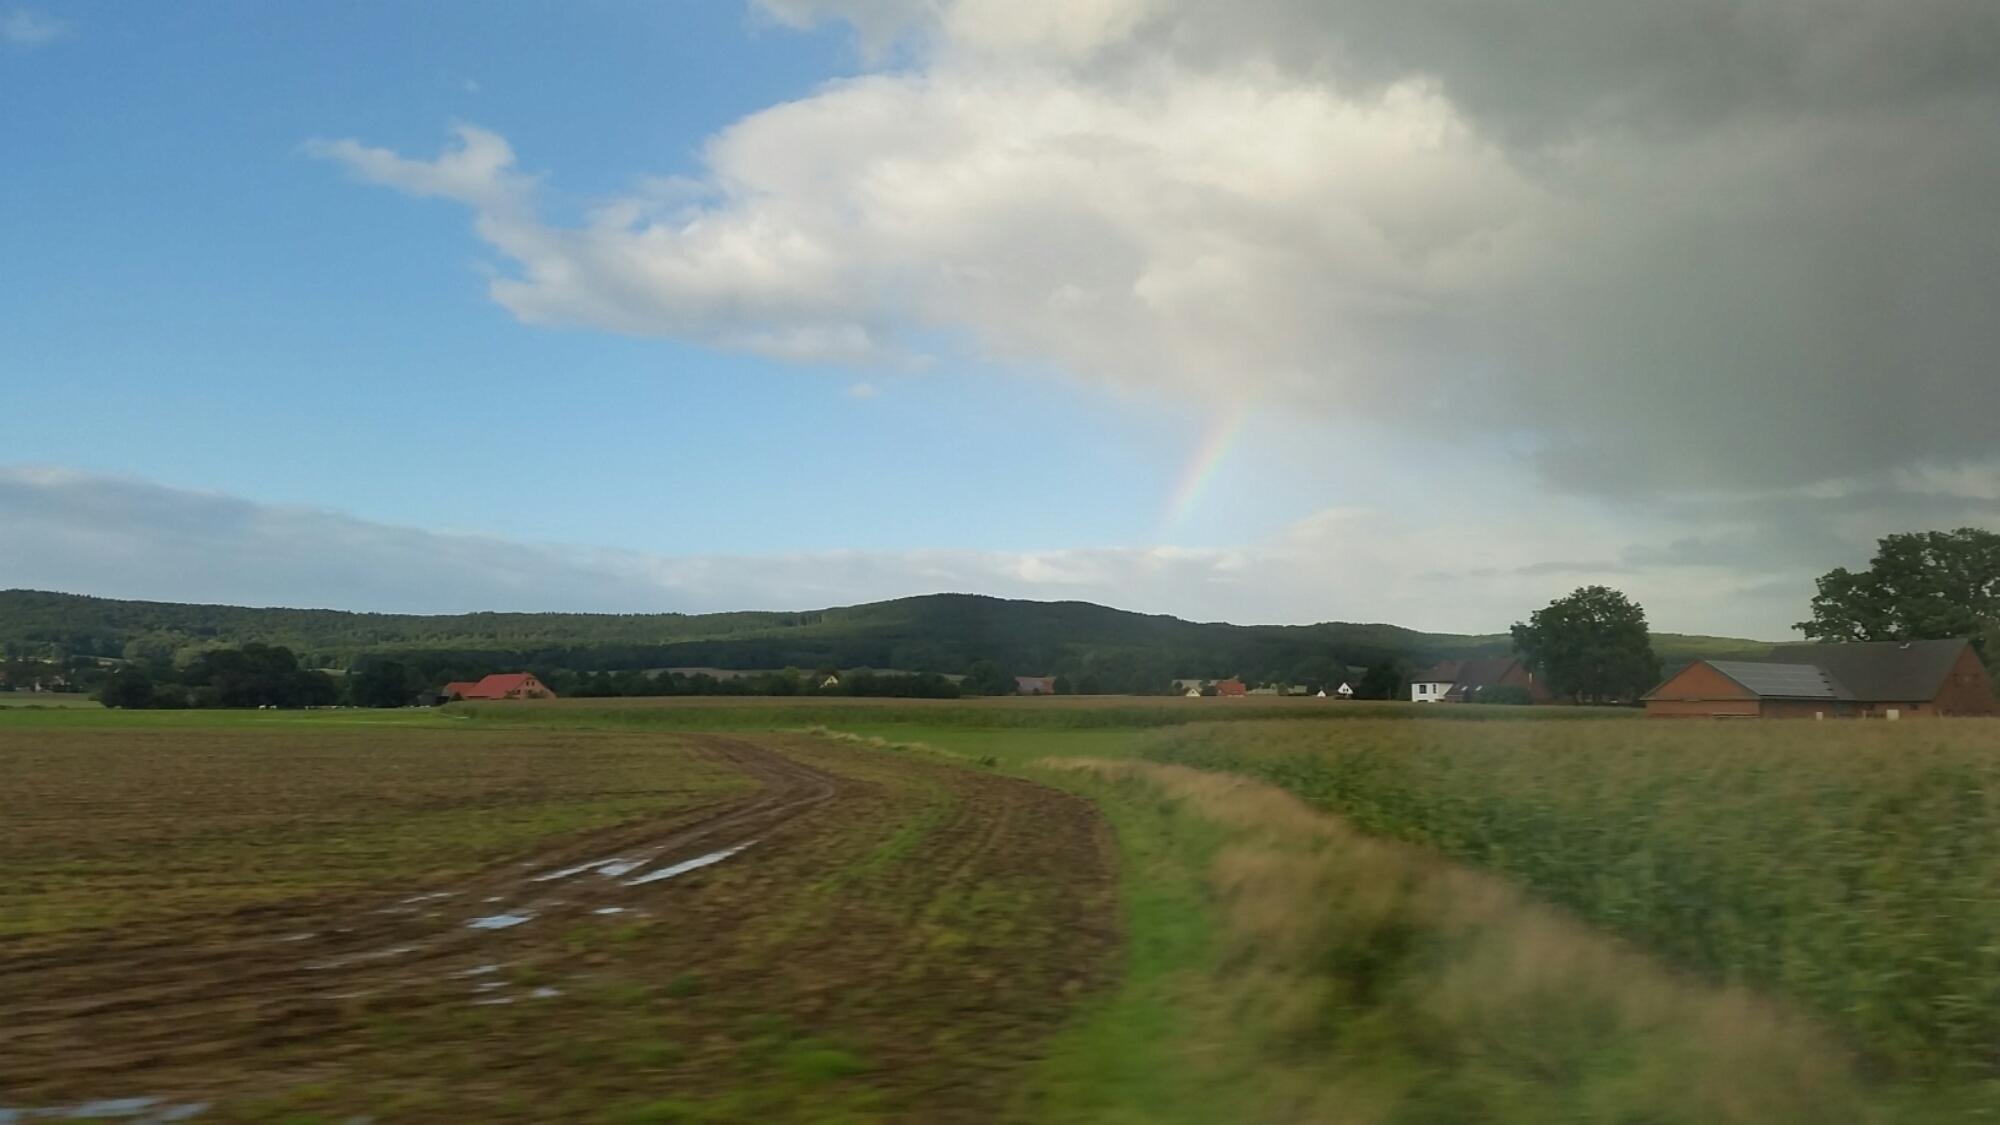 Regenbogen über Teutoburger Wald, Standpunkt Bad Rothenfelde